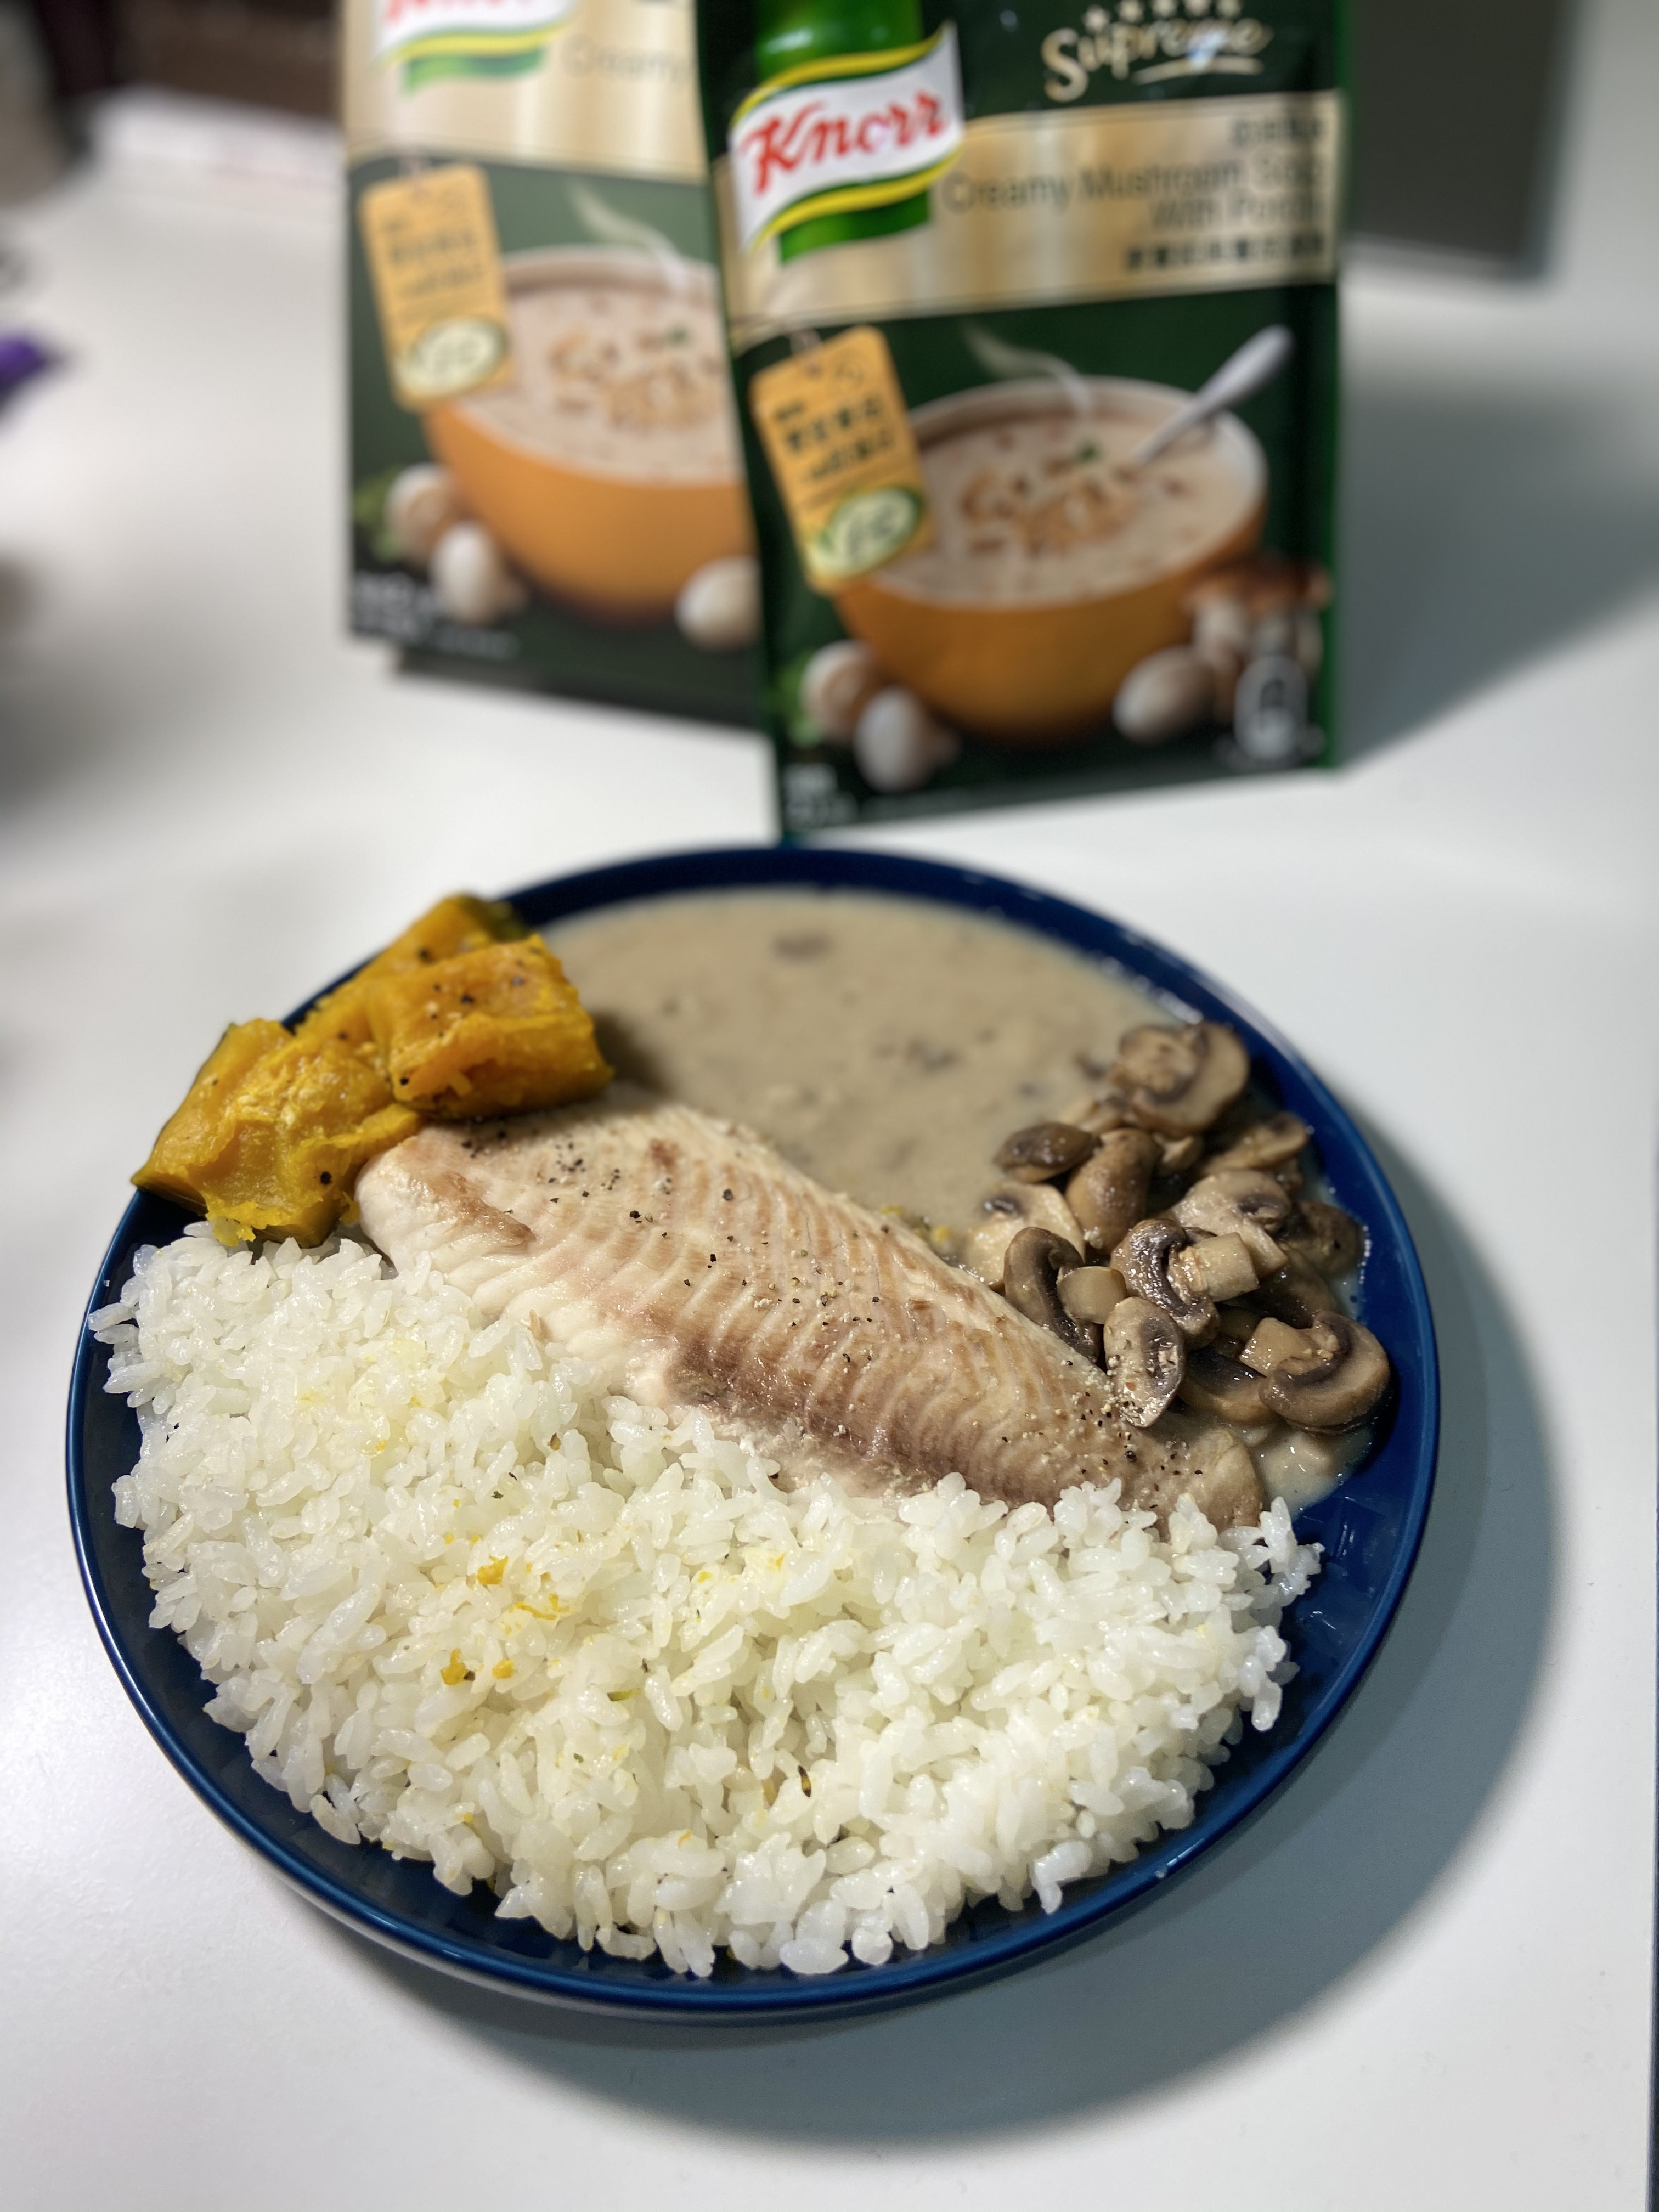 嫩煎魚排佐奶油蕈菇醬